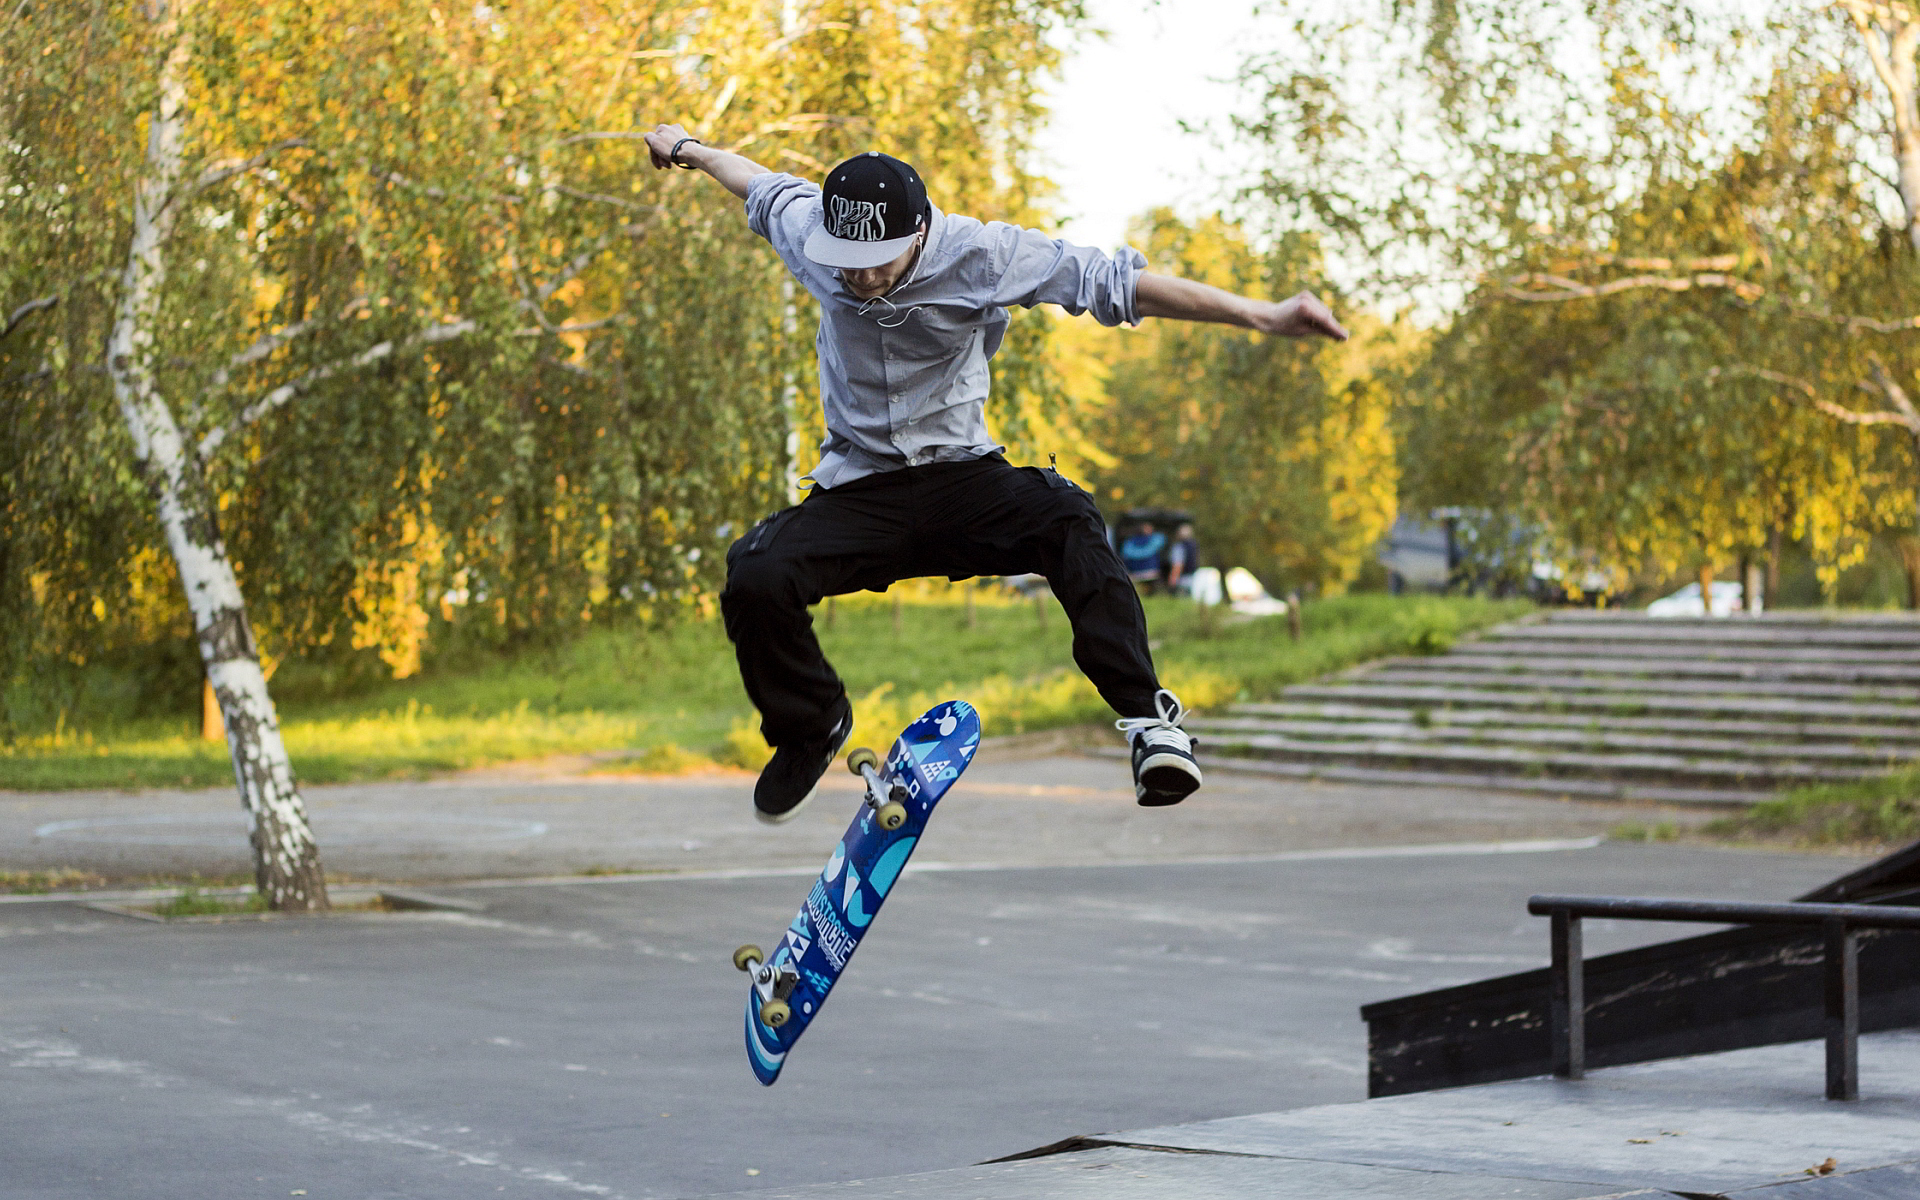 Kickflip skateboard